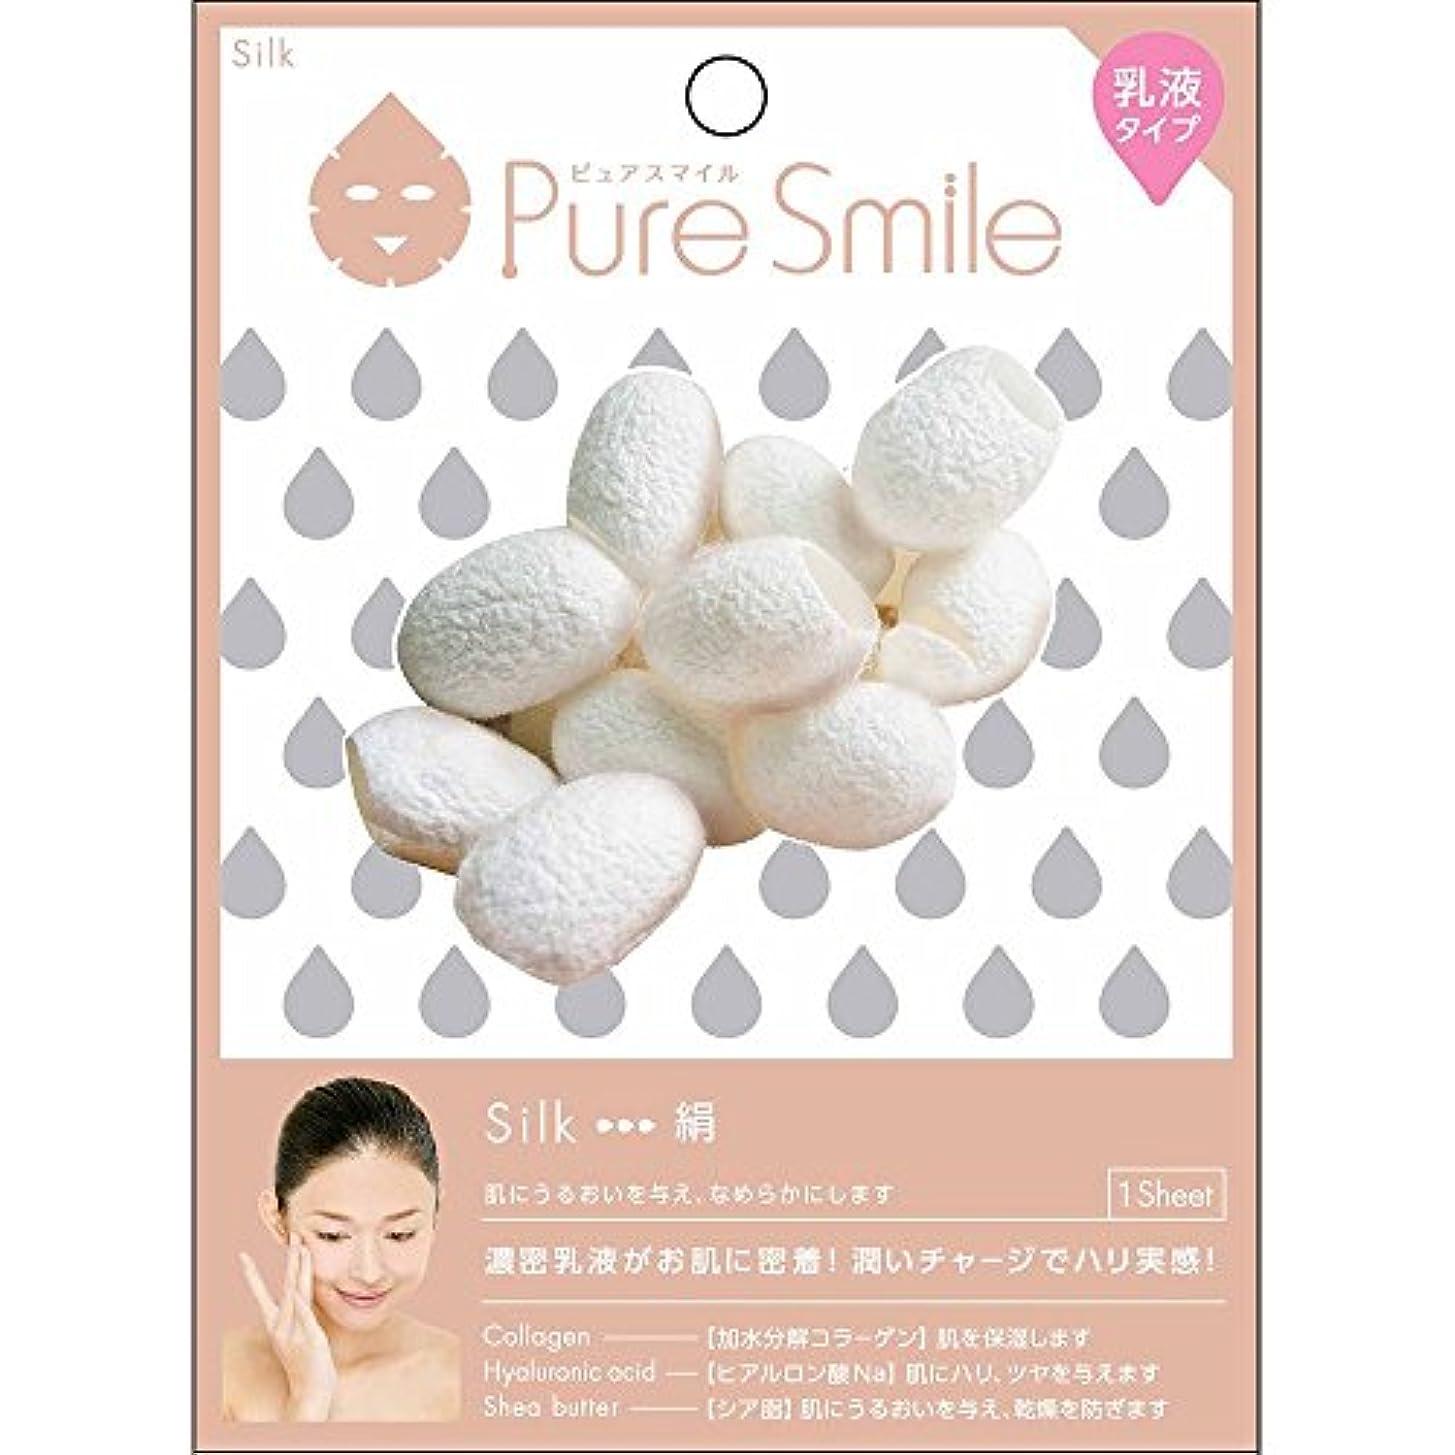 国家神経障害任命するPure Smile(ピュアスマイル) 乳液エッセンスマスク 1 枚 絹